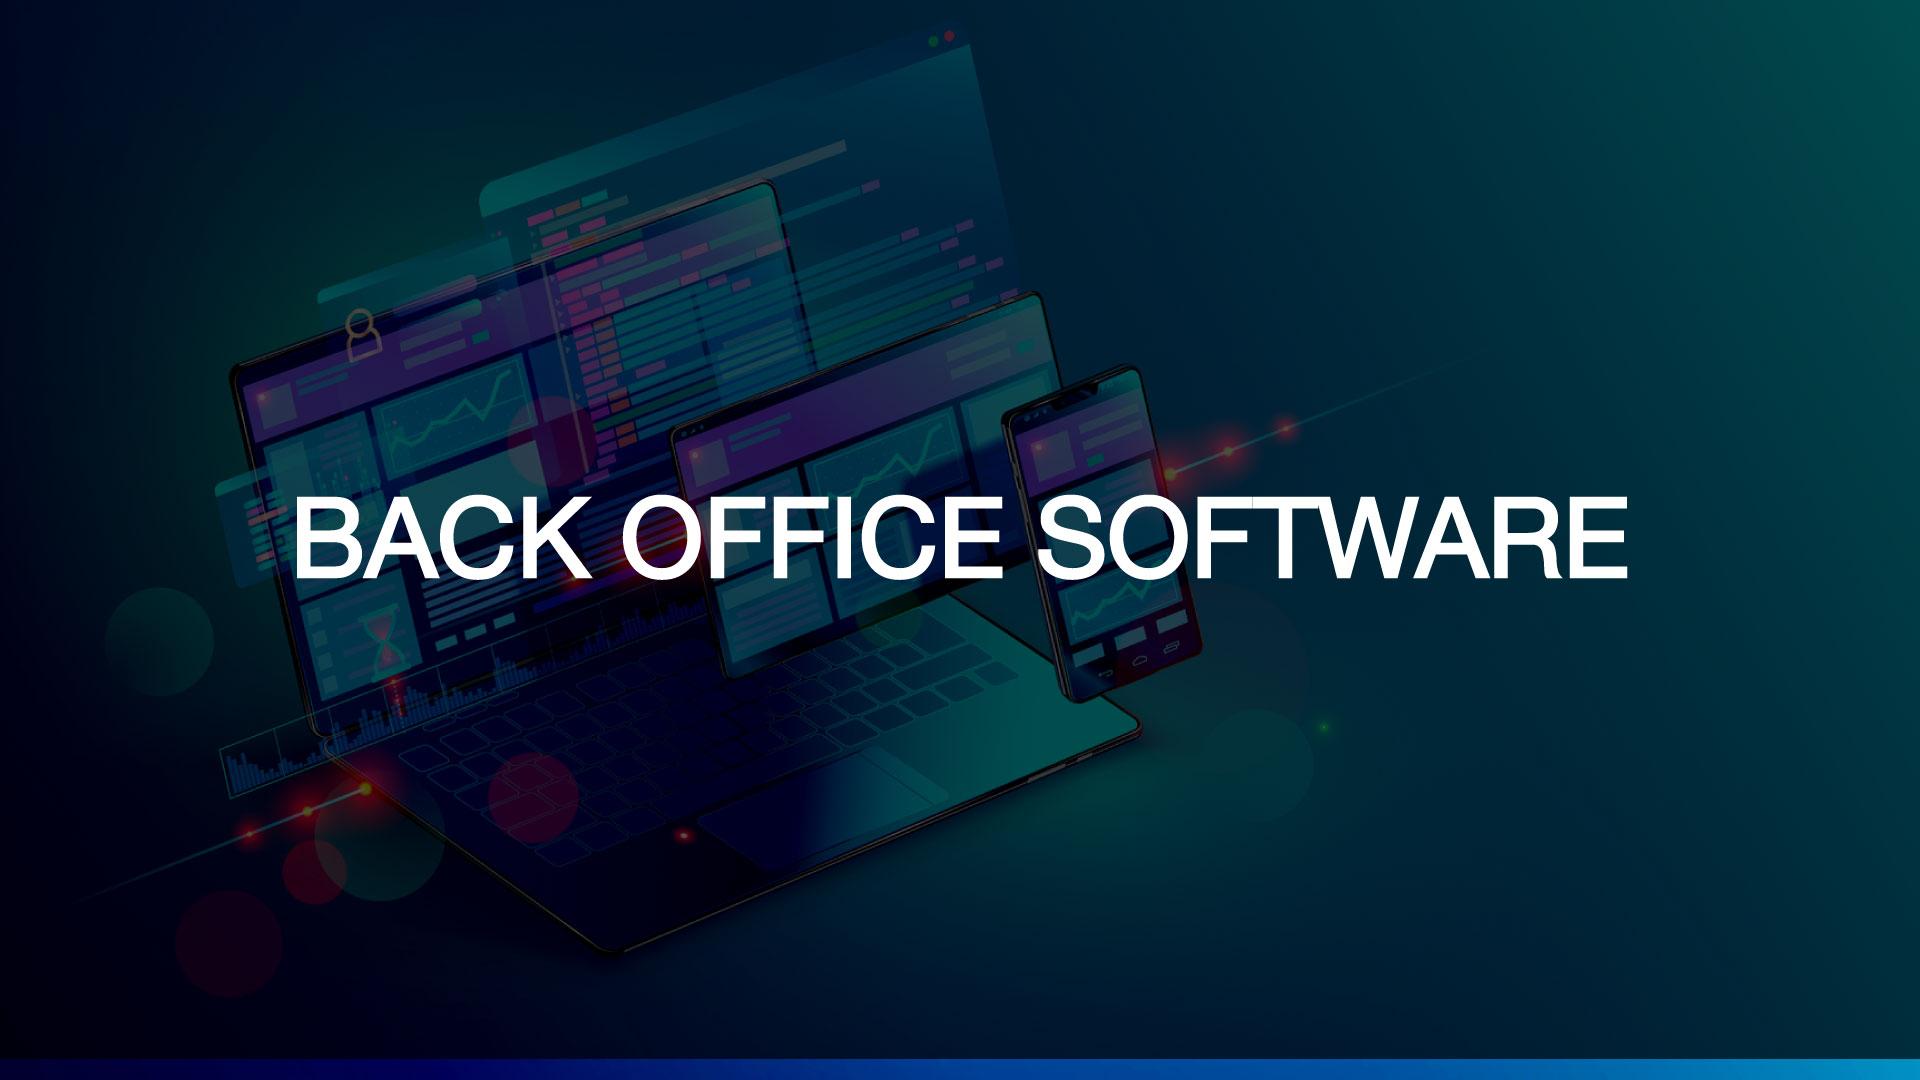 BACK-OFFICE-SOFTWARE-BANNER